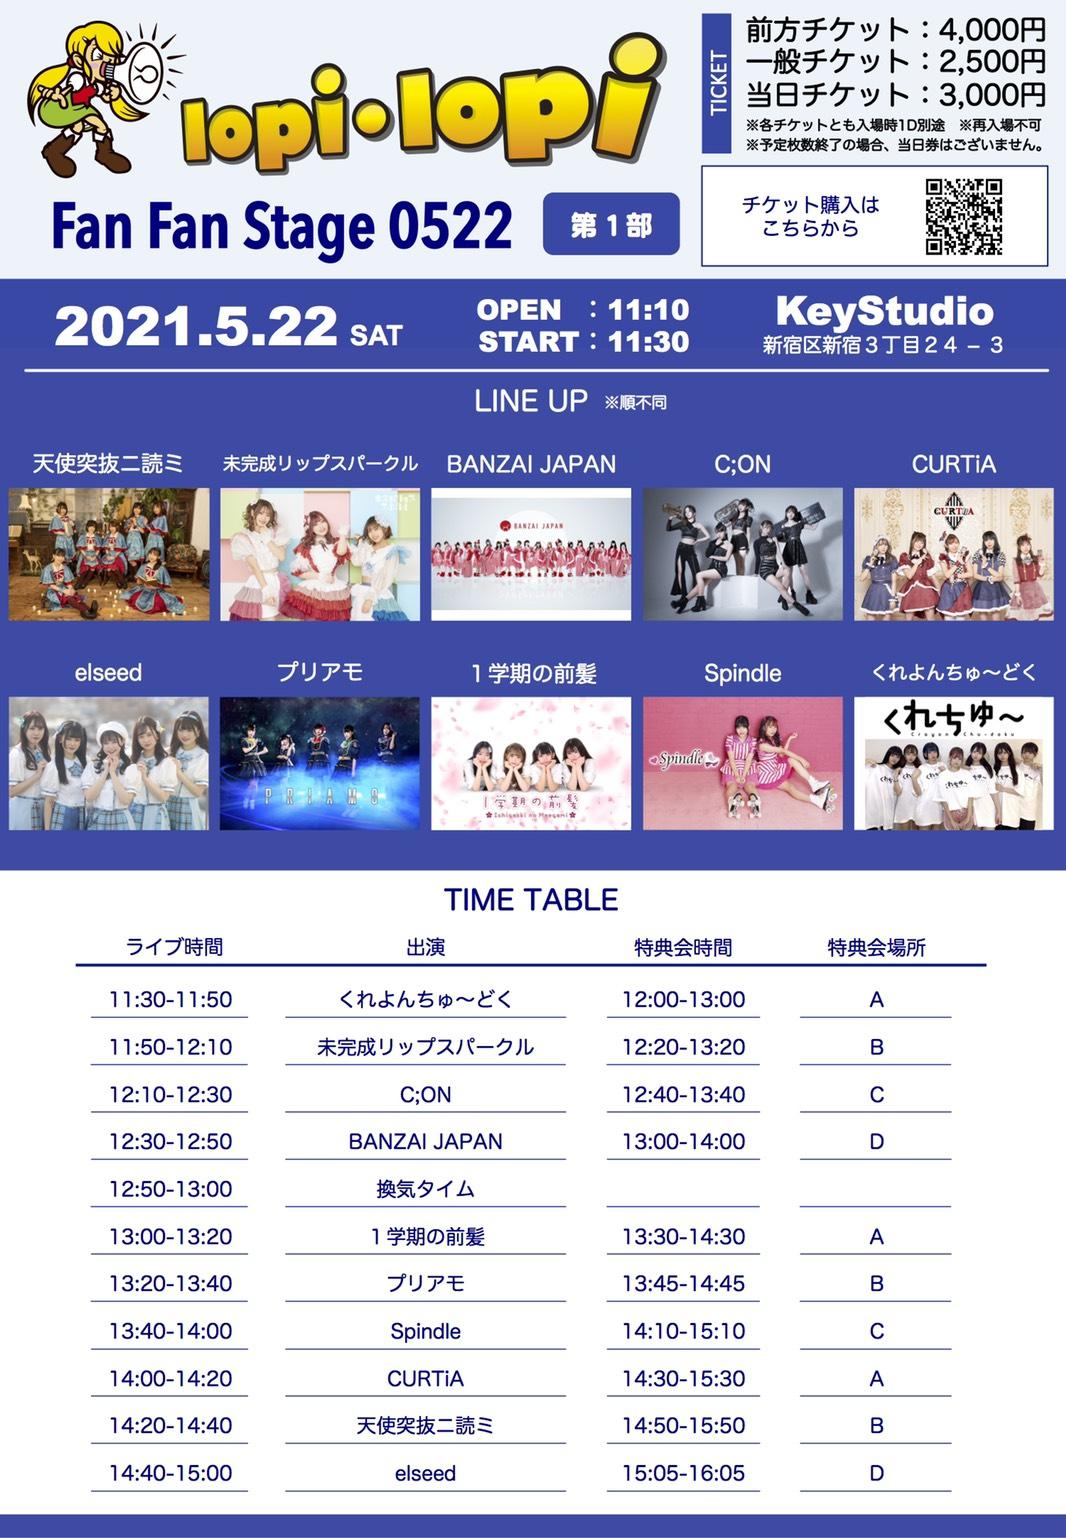 lopi lopi Fun Fun stage 0522@KeyStudio 1部